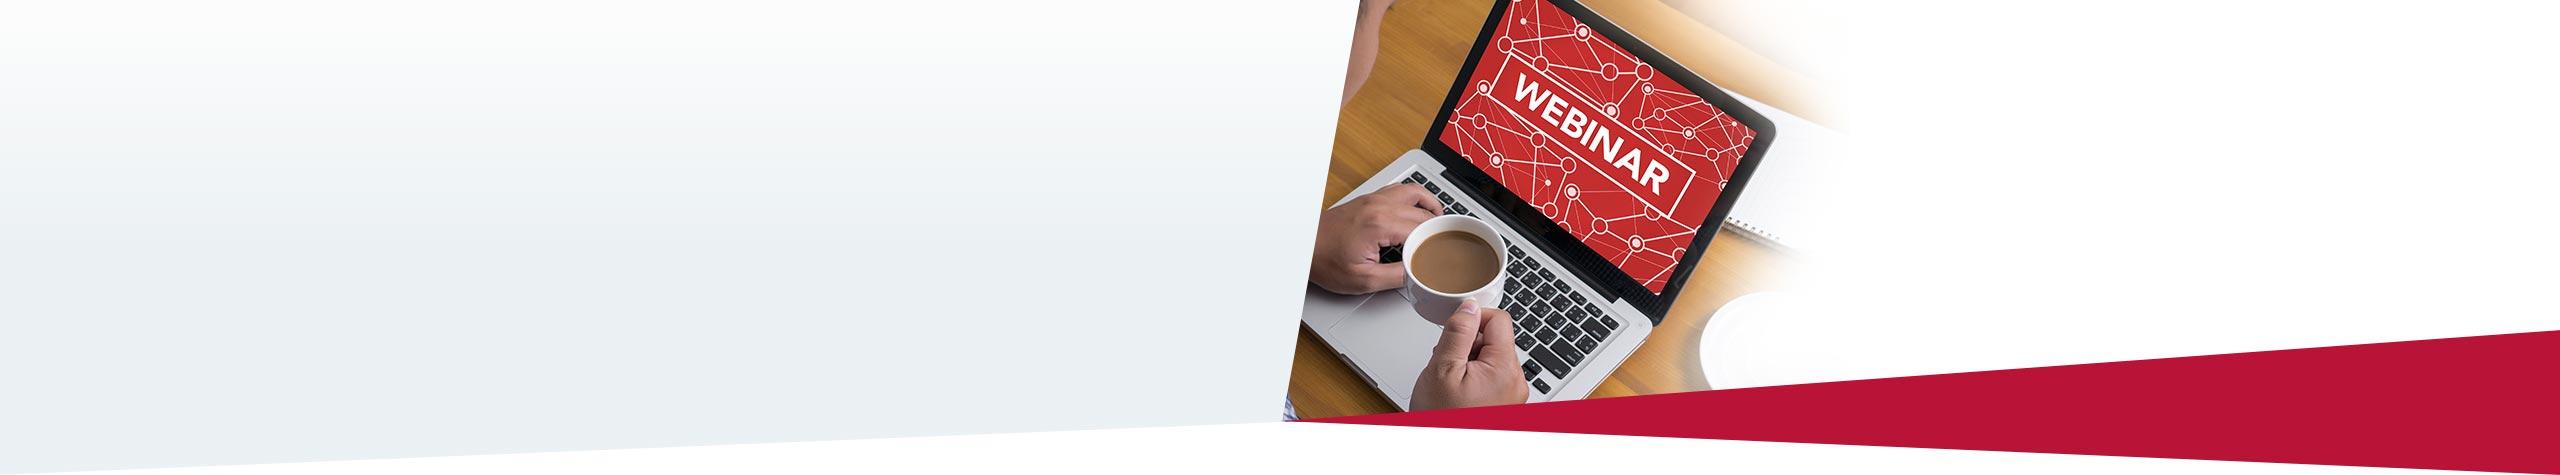 Webinare Informieren Sie sich einfach und bequem online. Zur Webinar-Auswahl